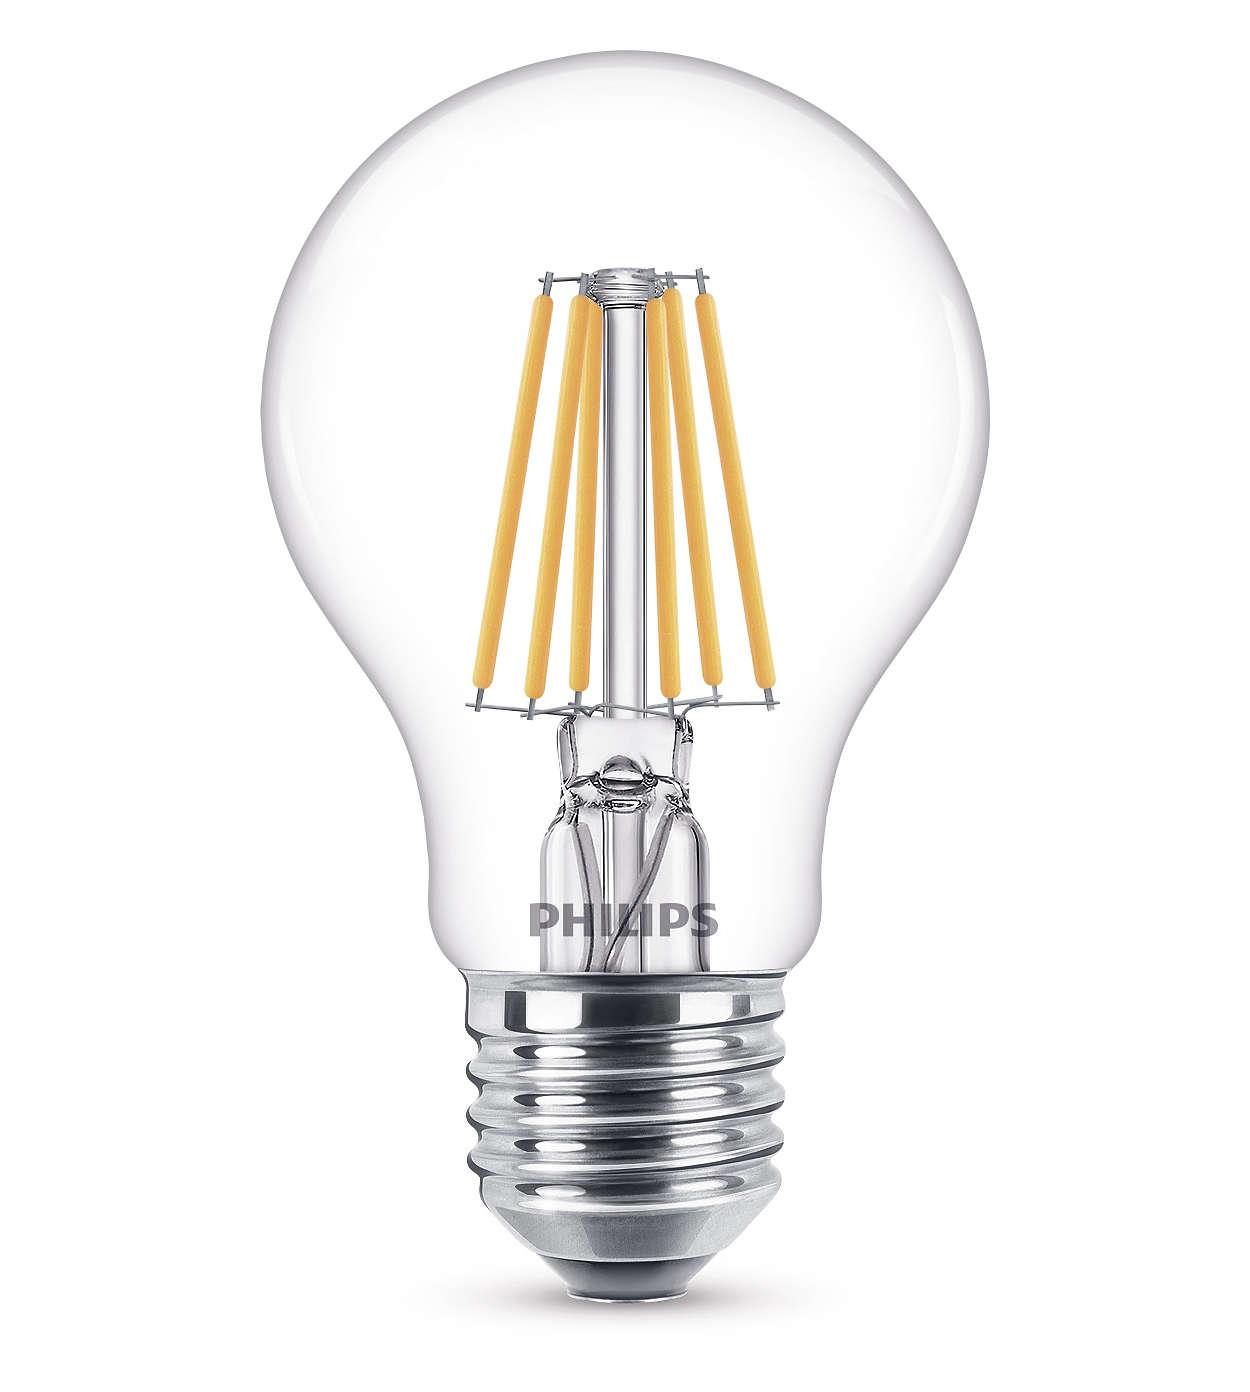 La iluminación adecuada crea el momento perfecto